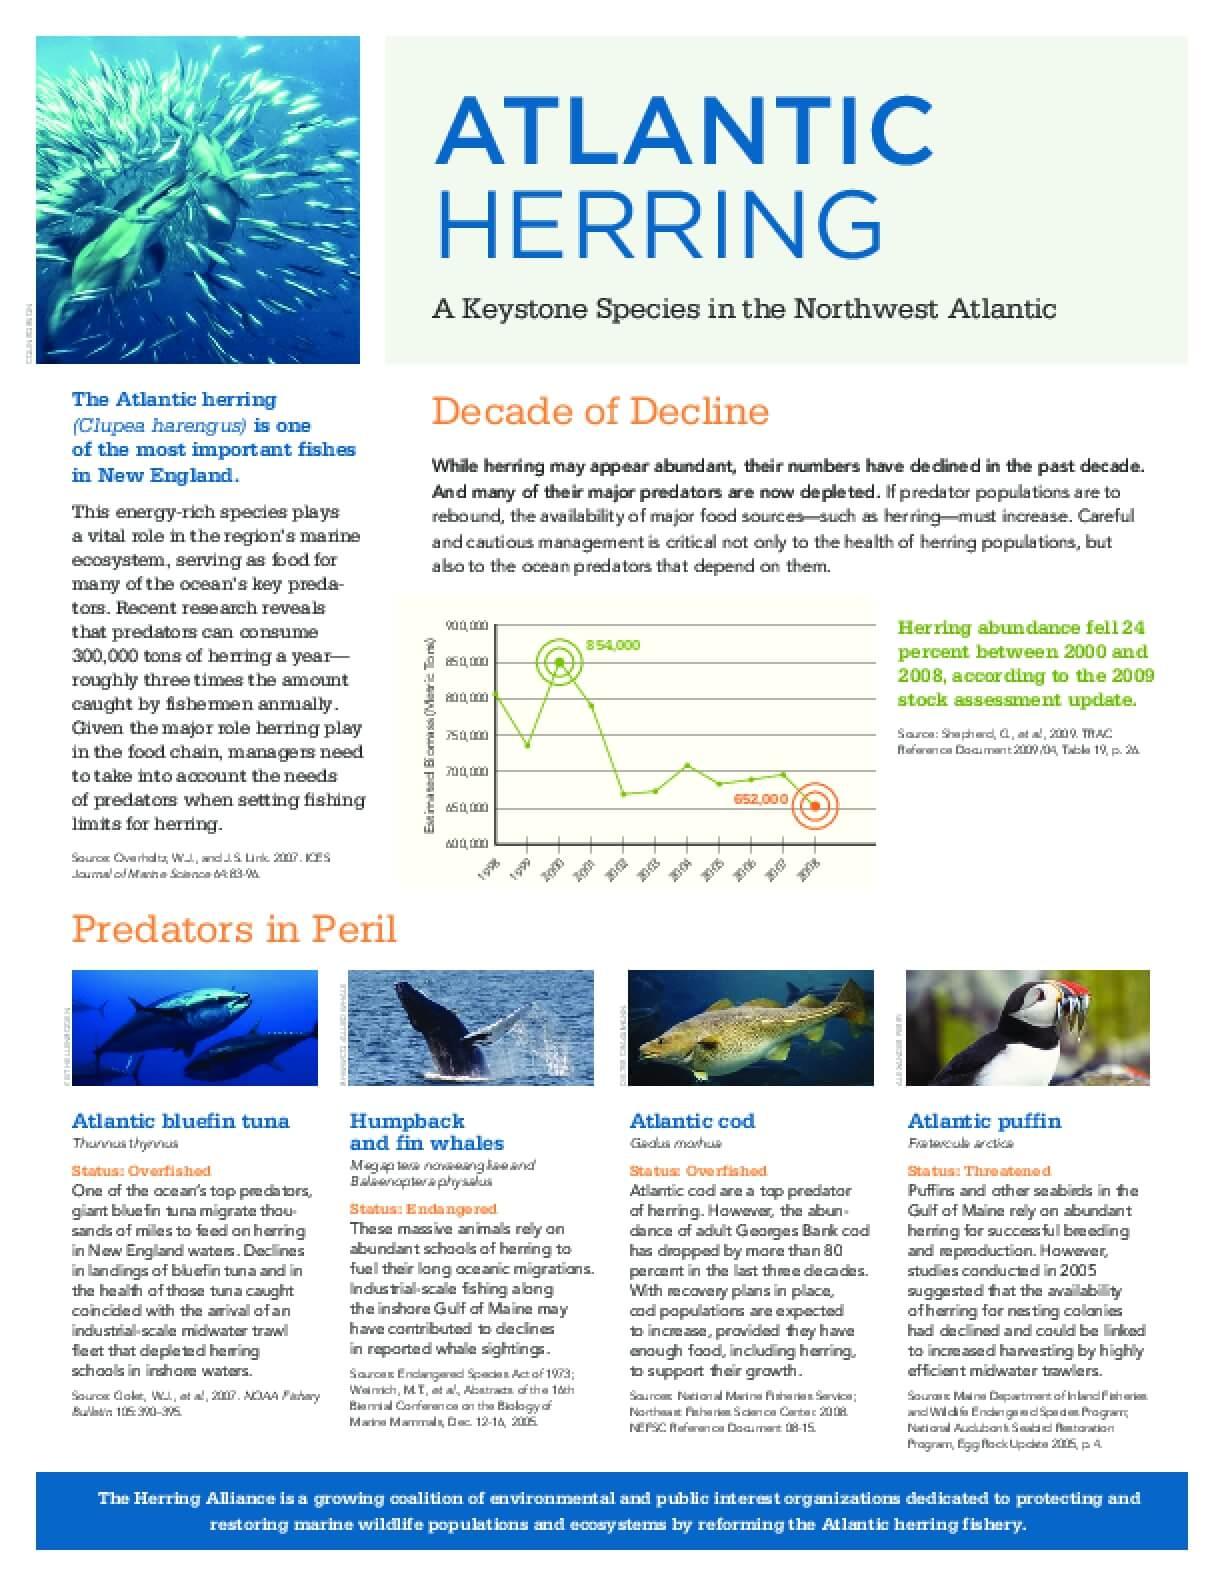 Atlantic Herring - A Keystone Species in the Northwest Atlantic